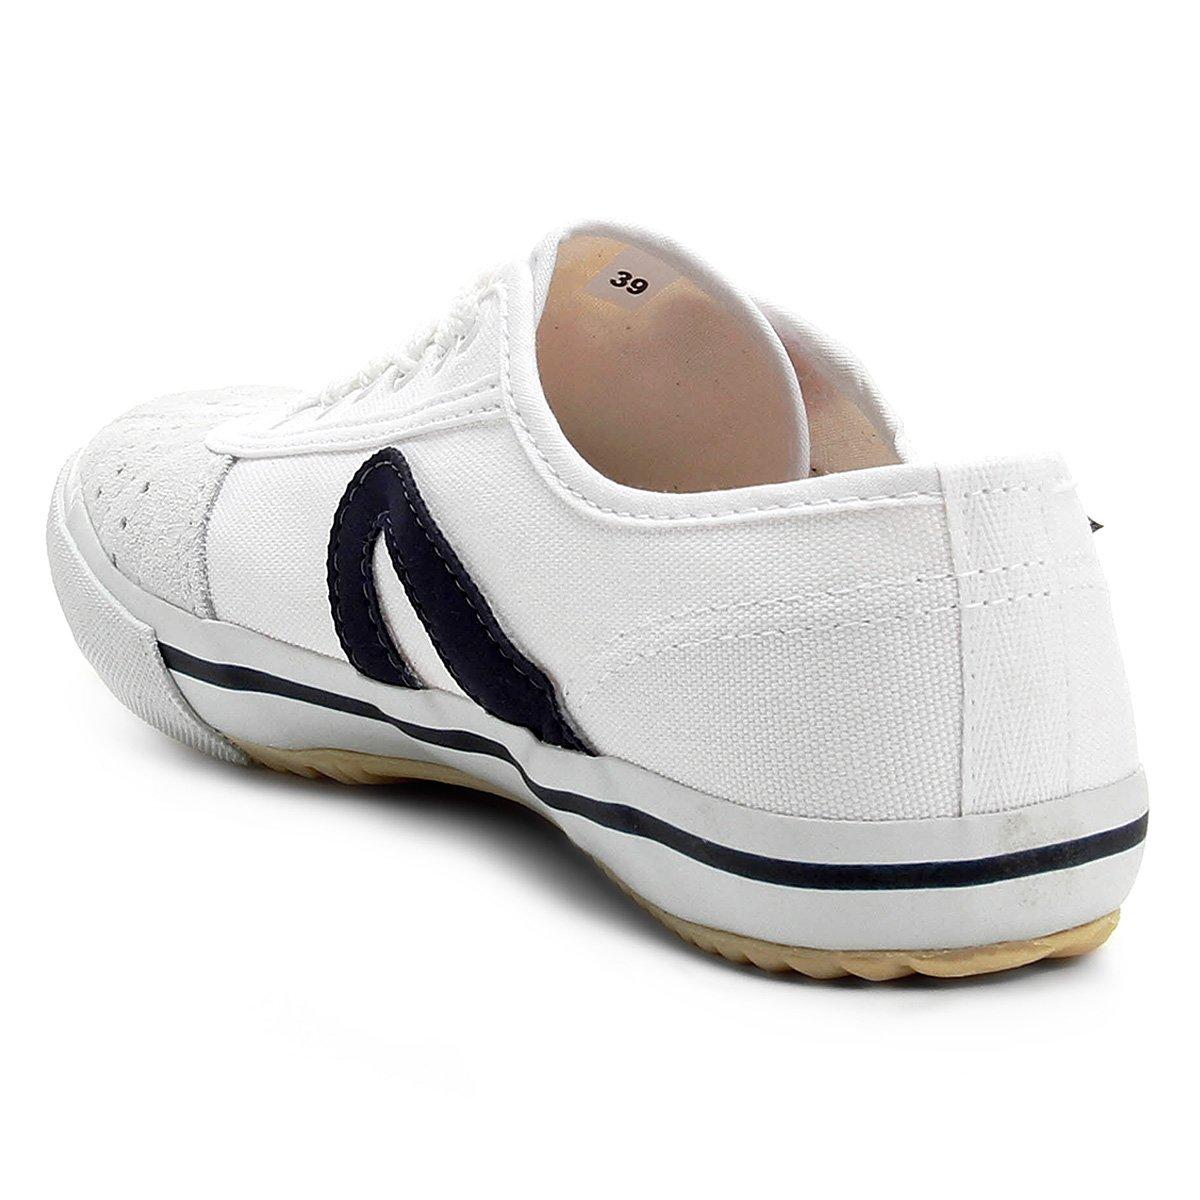 Tênis Masculino Rainha VL-2500 Branco e Marinho - Compre Agora f1928dc2f19a8